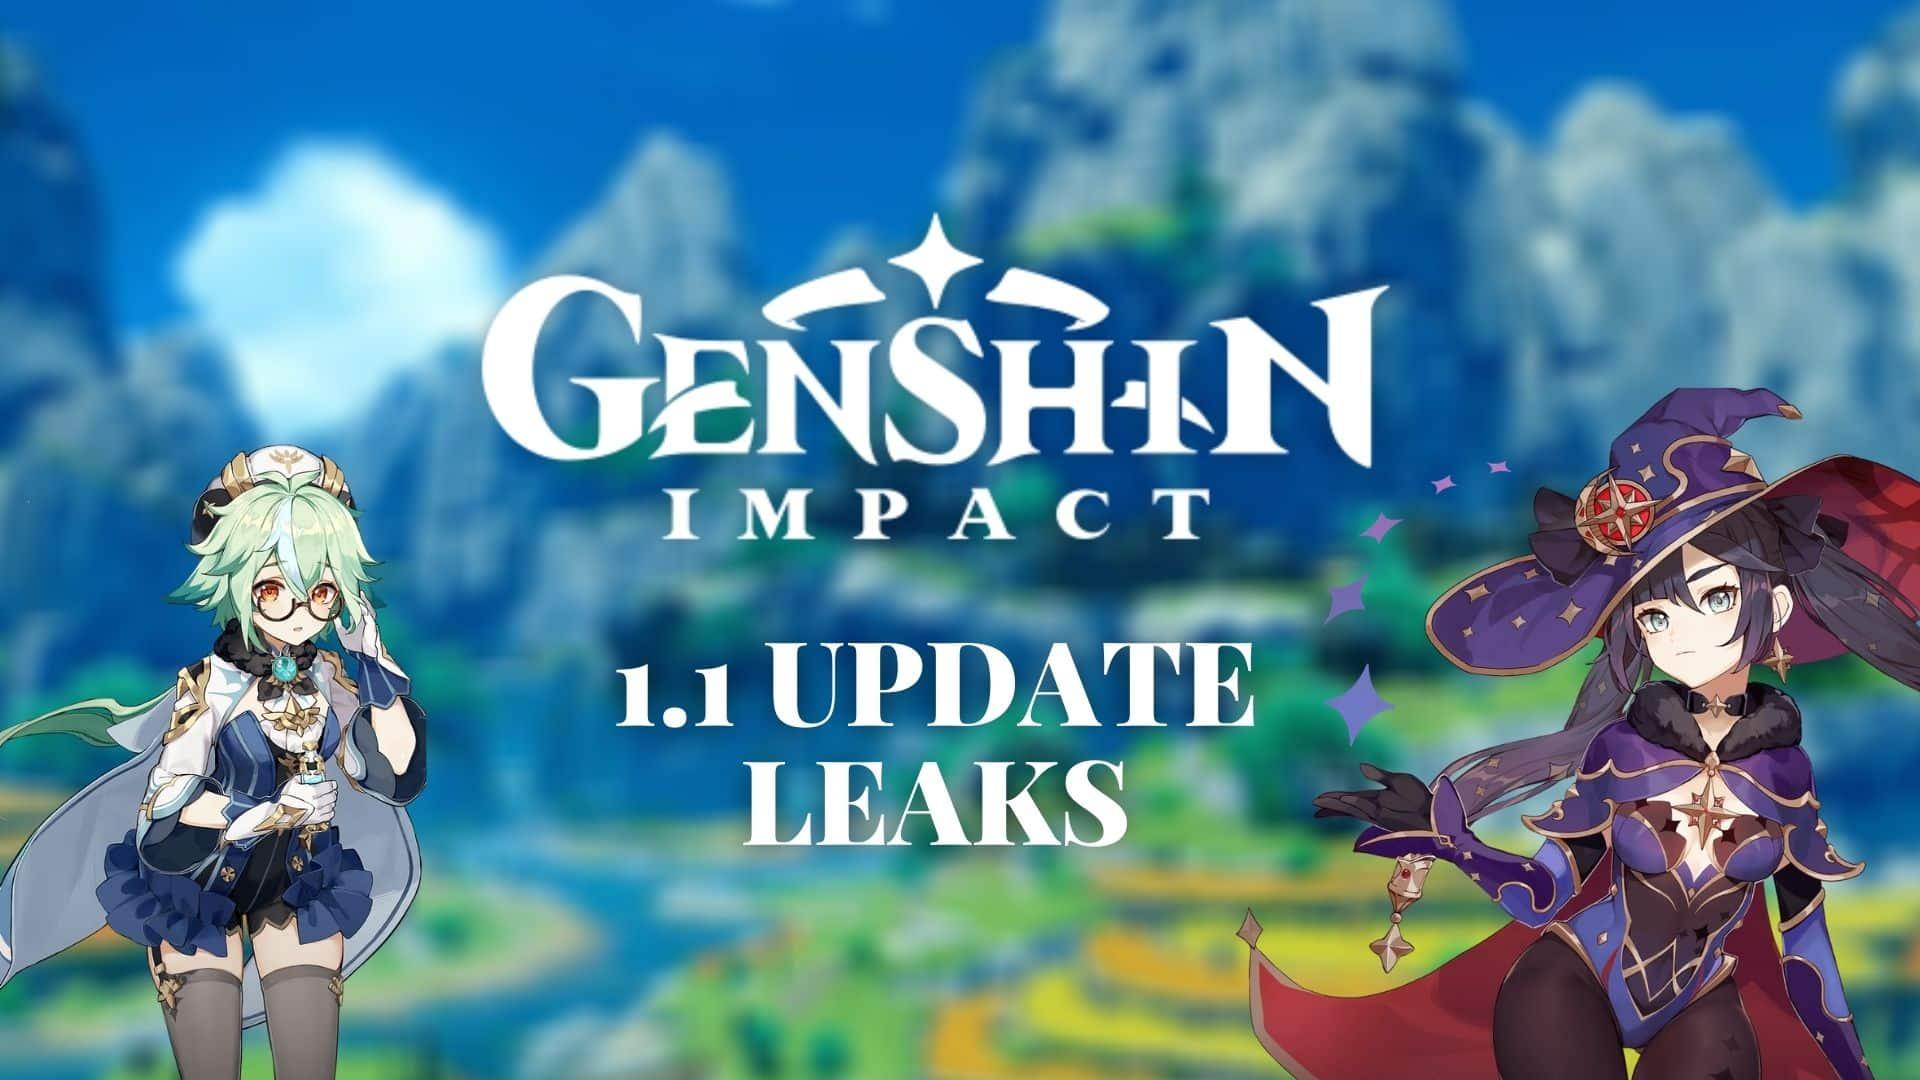 1.1 Update leaks screen